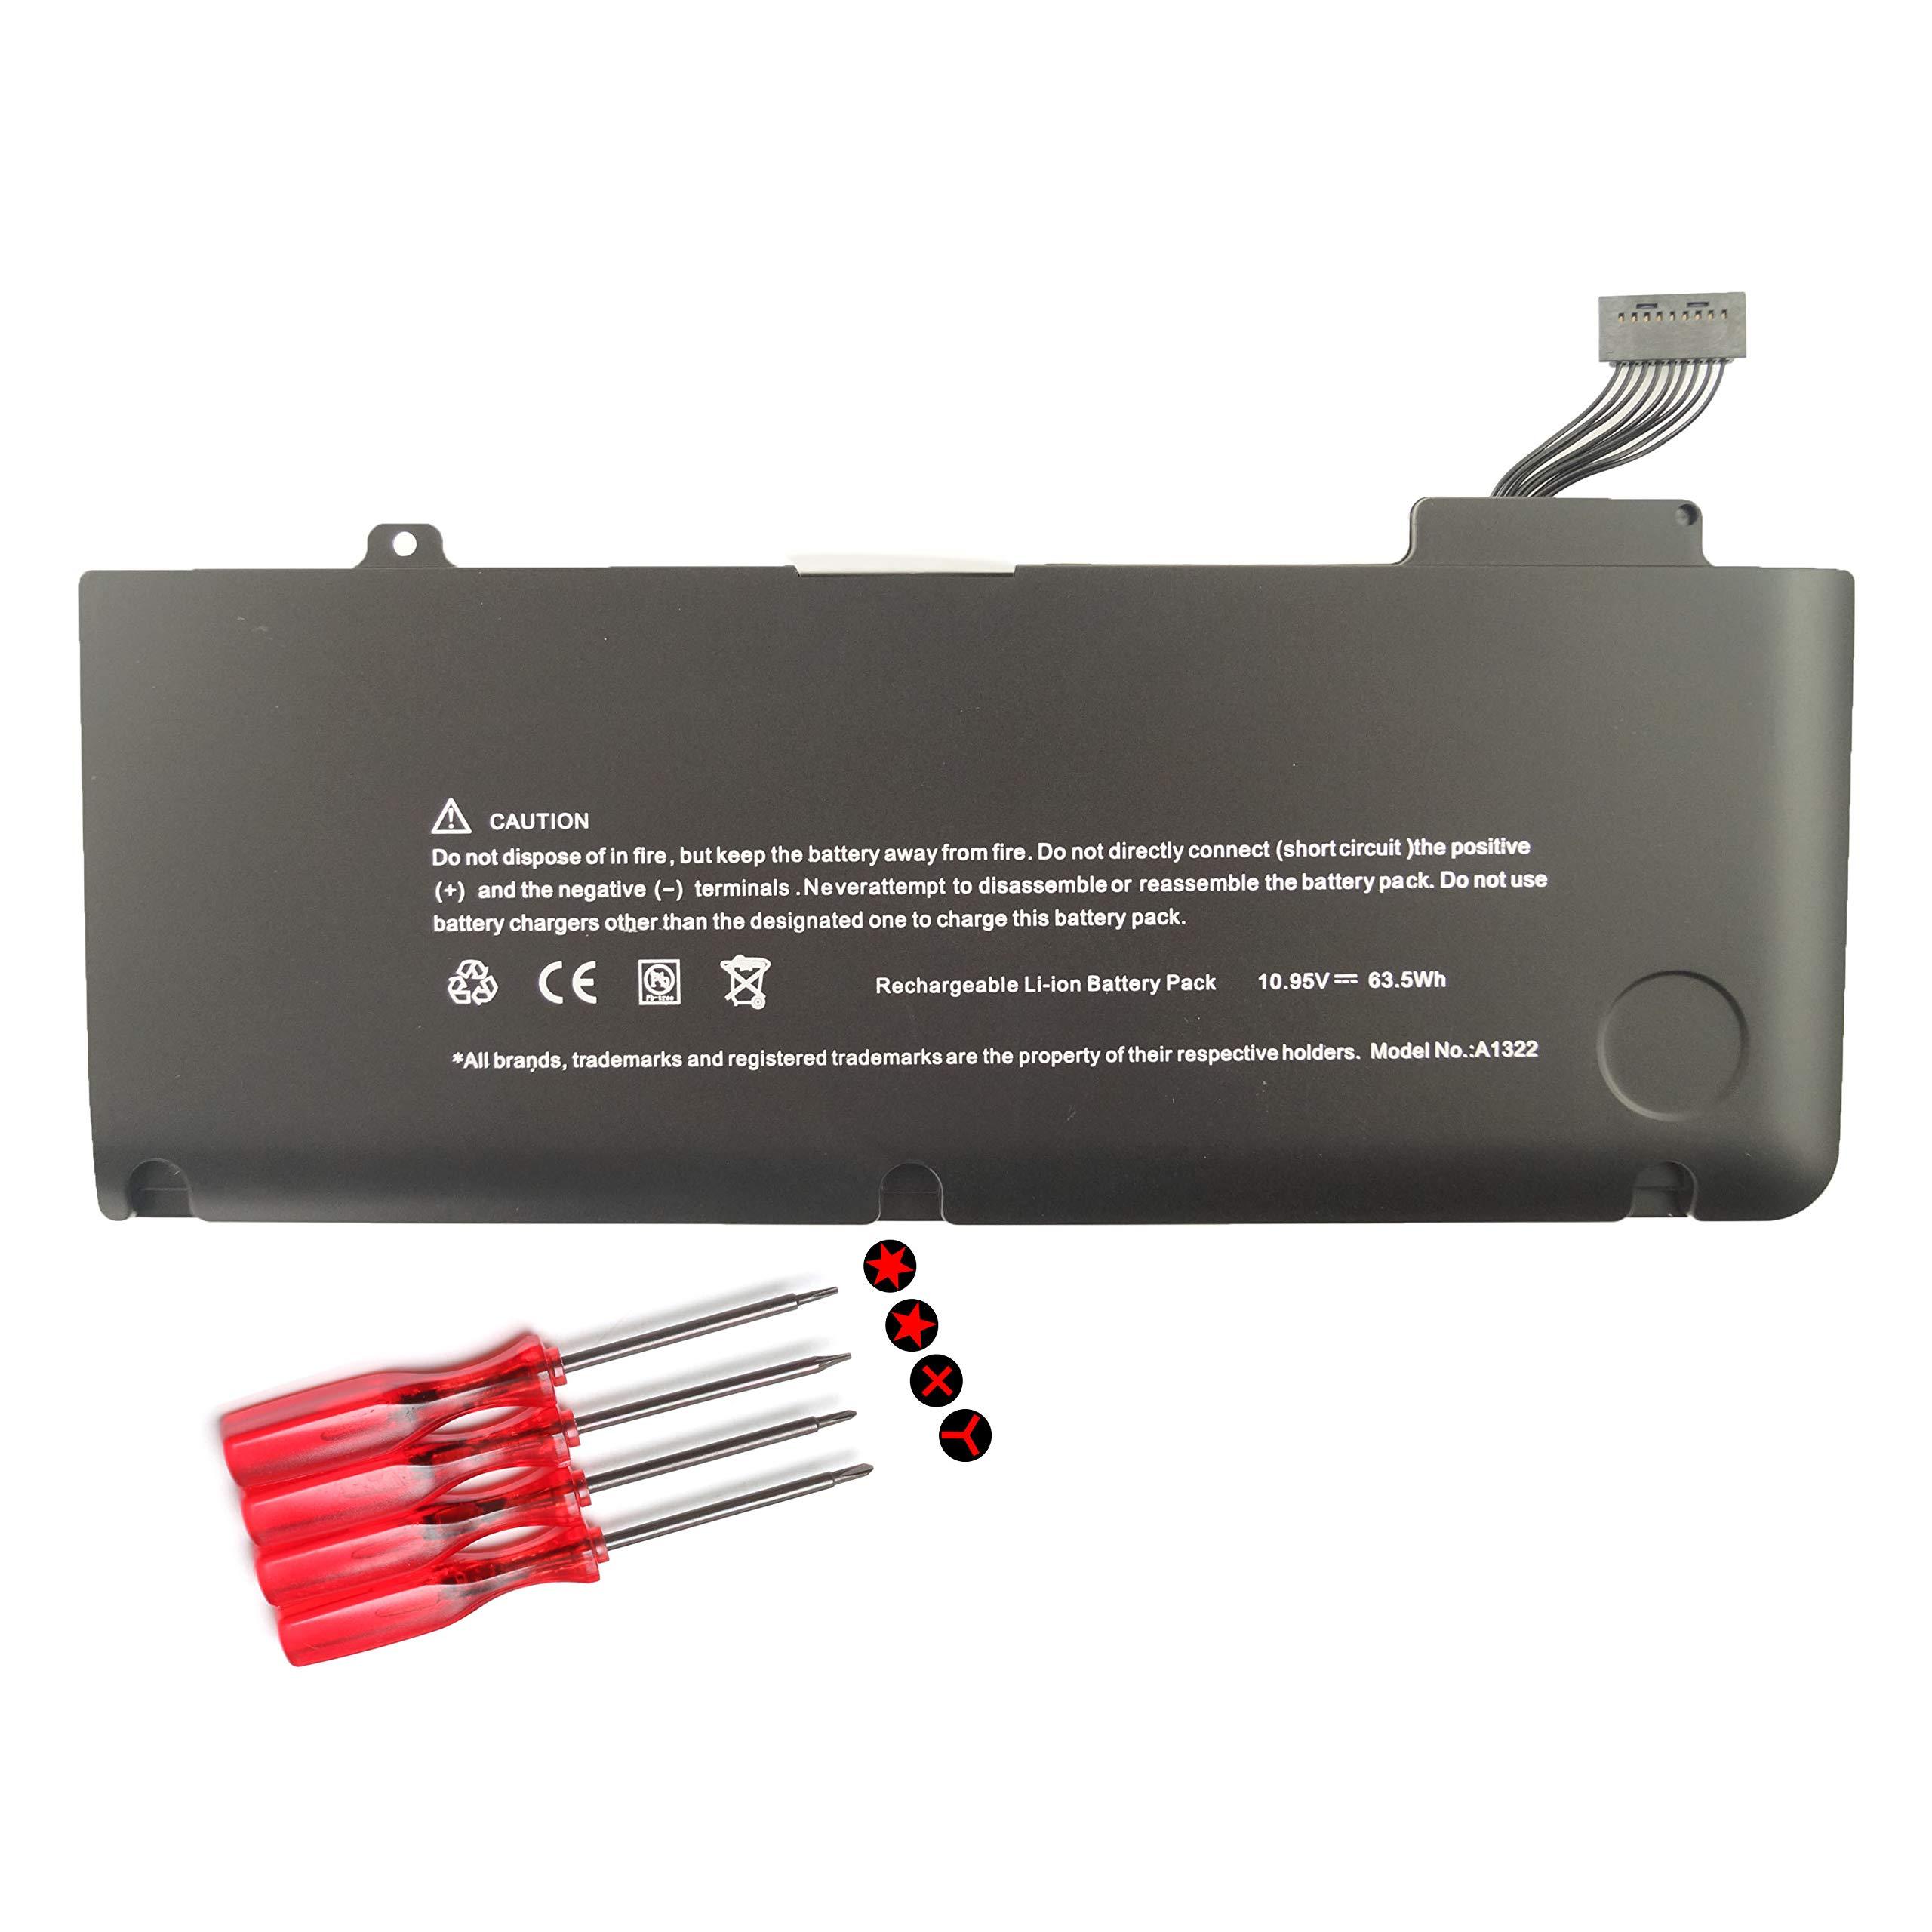 Bateria para A1322 A1278 Apple MacBook Pro 13 inch 2012 2011 2010 2009 MB990LL/A MD313LL/A MB991LL/A MC374LL/A MC375LL/A